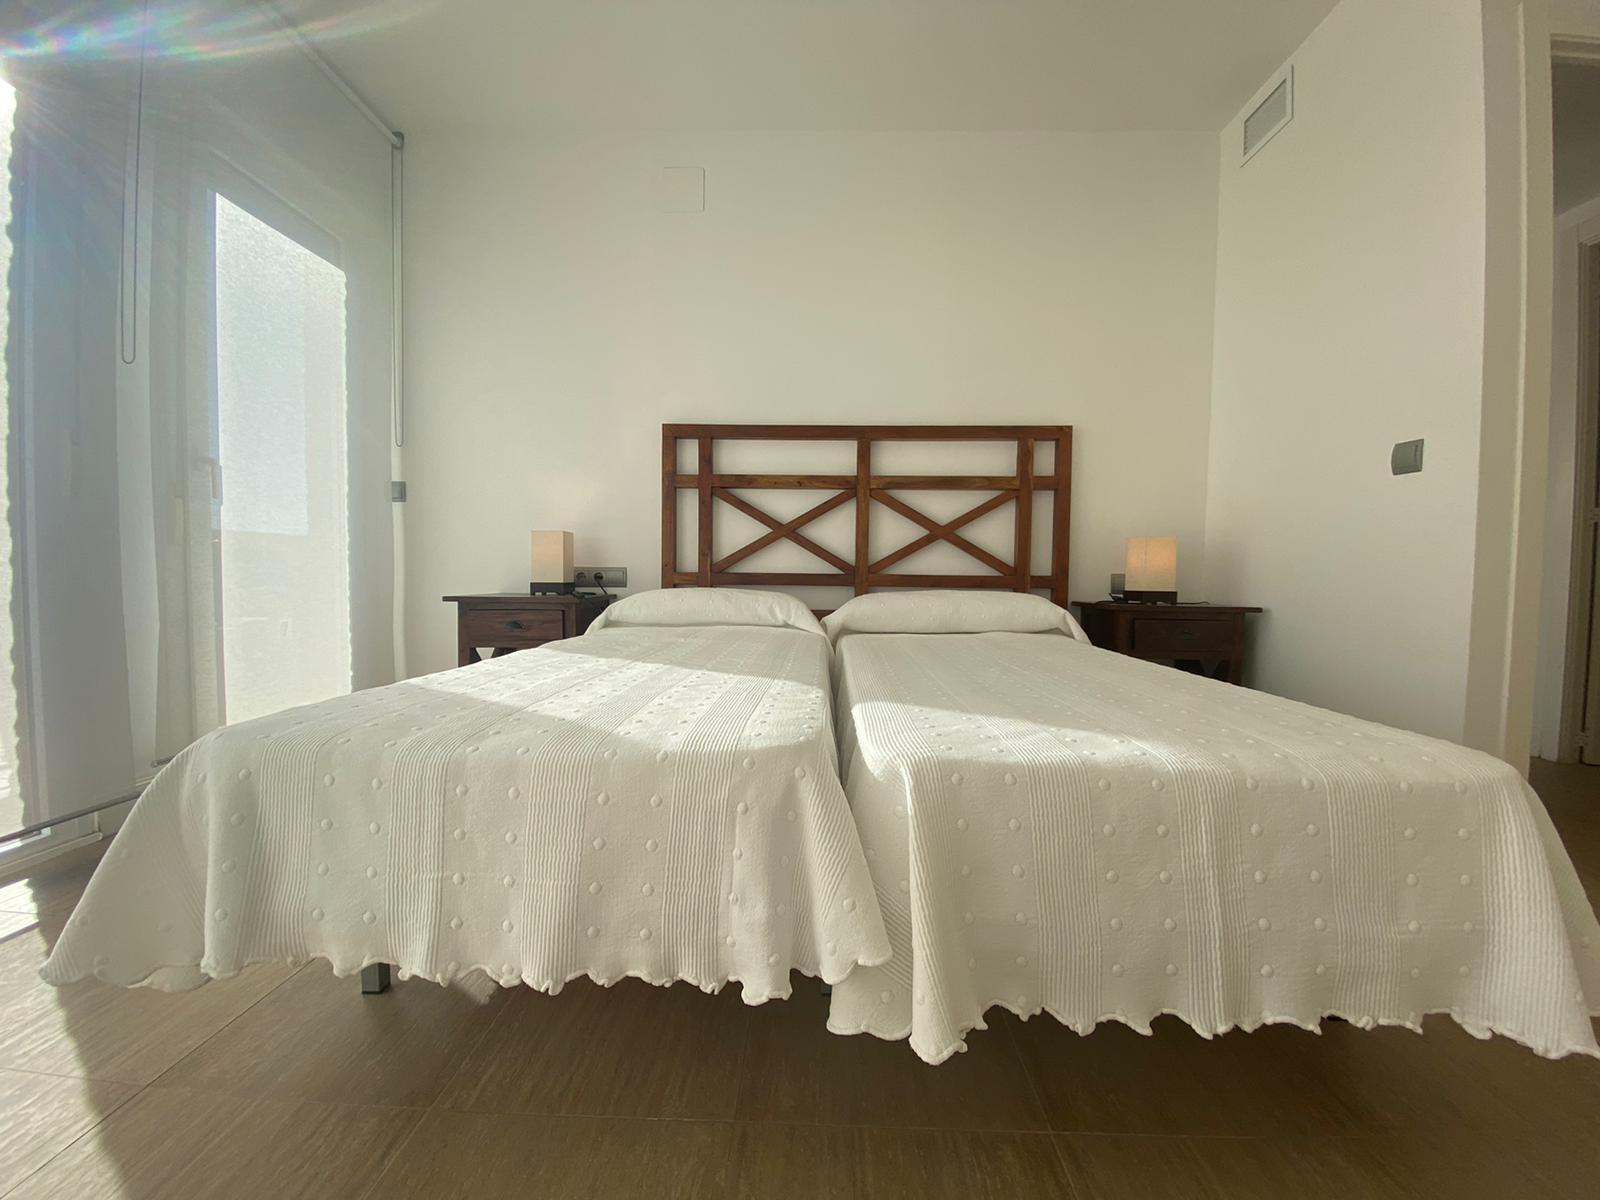 Imagen 32 del Apartamento Turístico, Ático 1 Levante (3d+2b), Punta del Moral (HUELVA), Paseo de la Cruz nº22